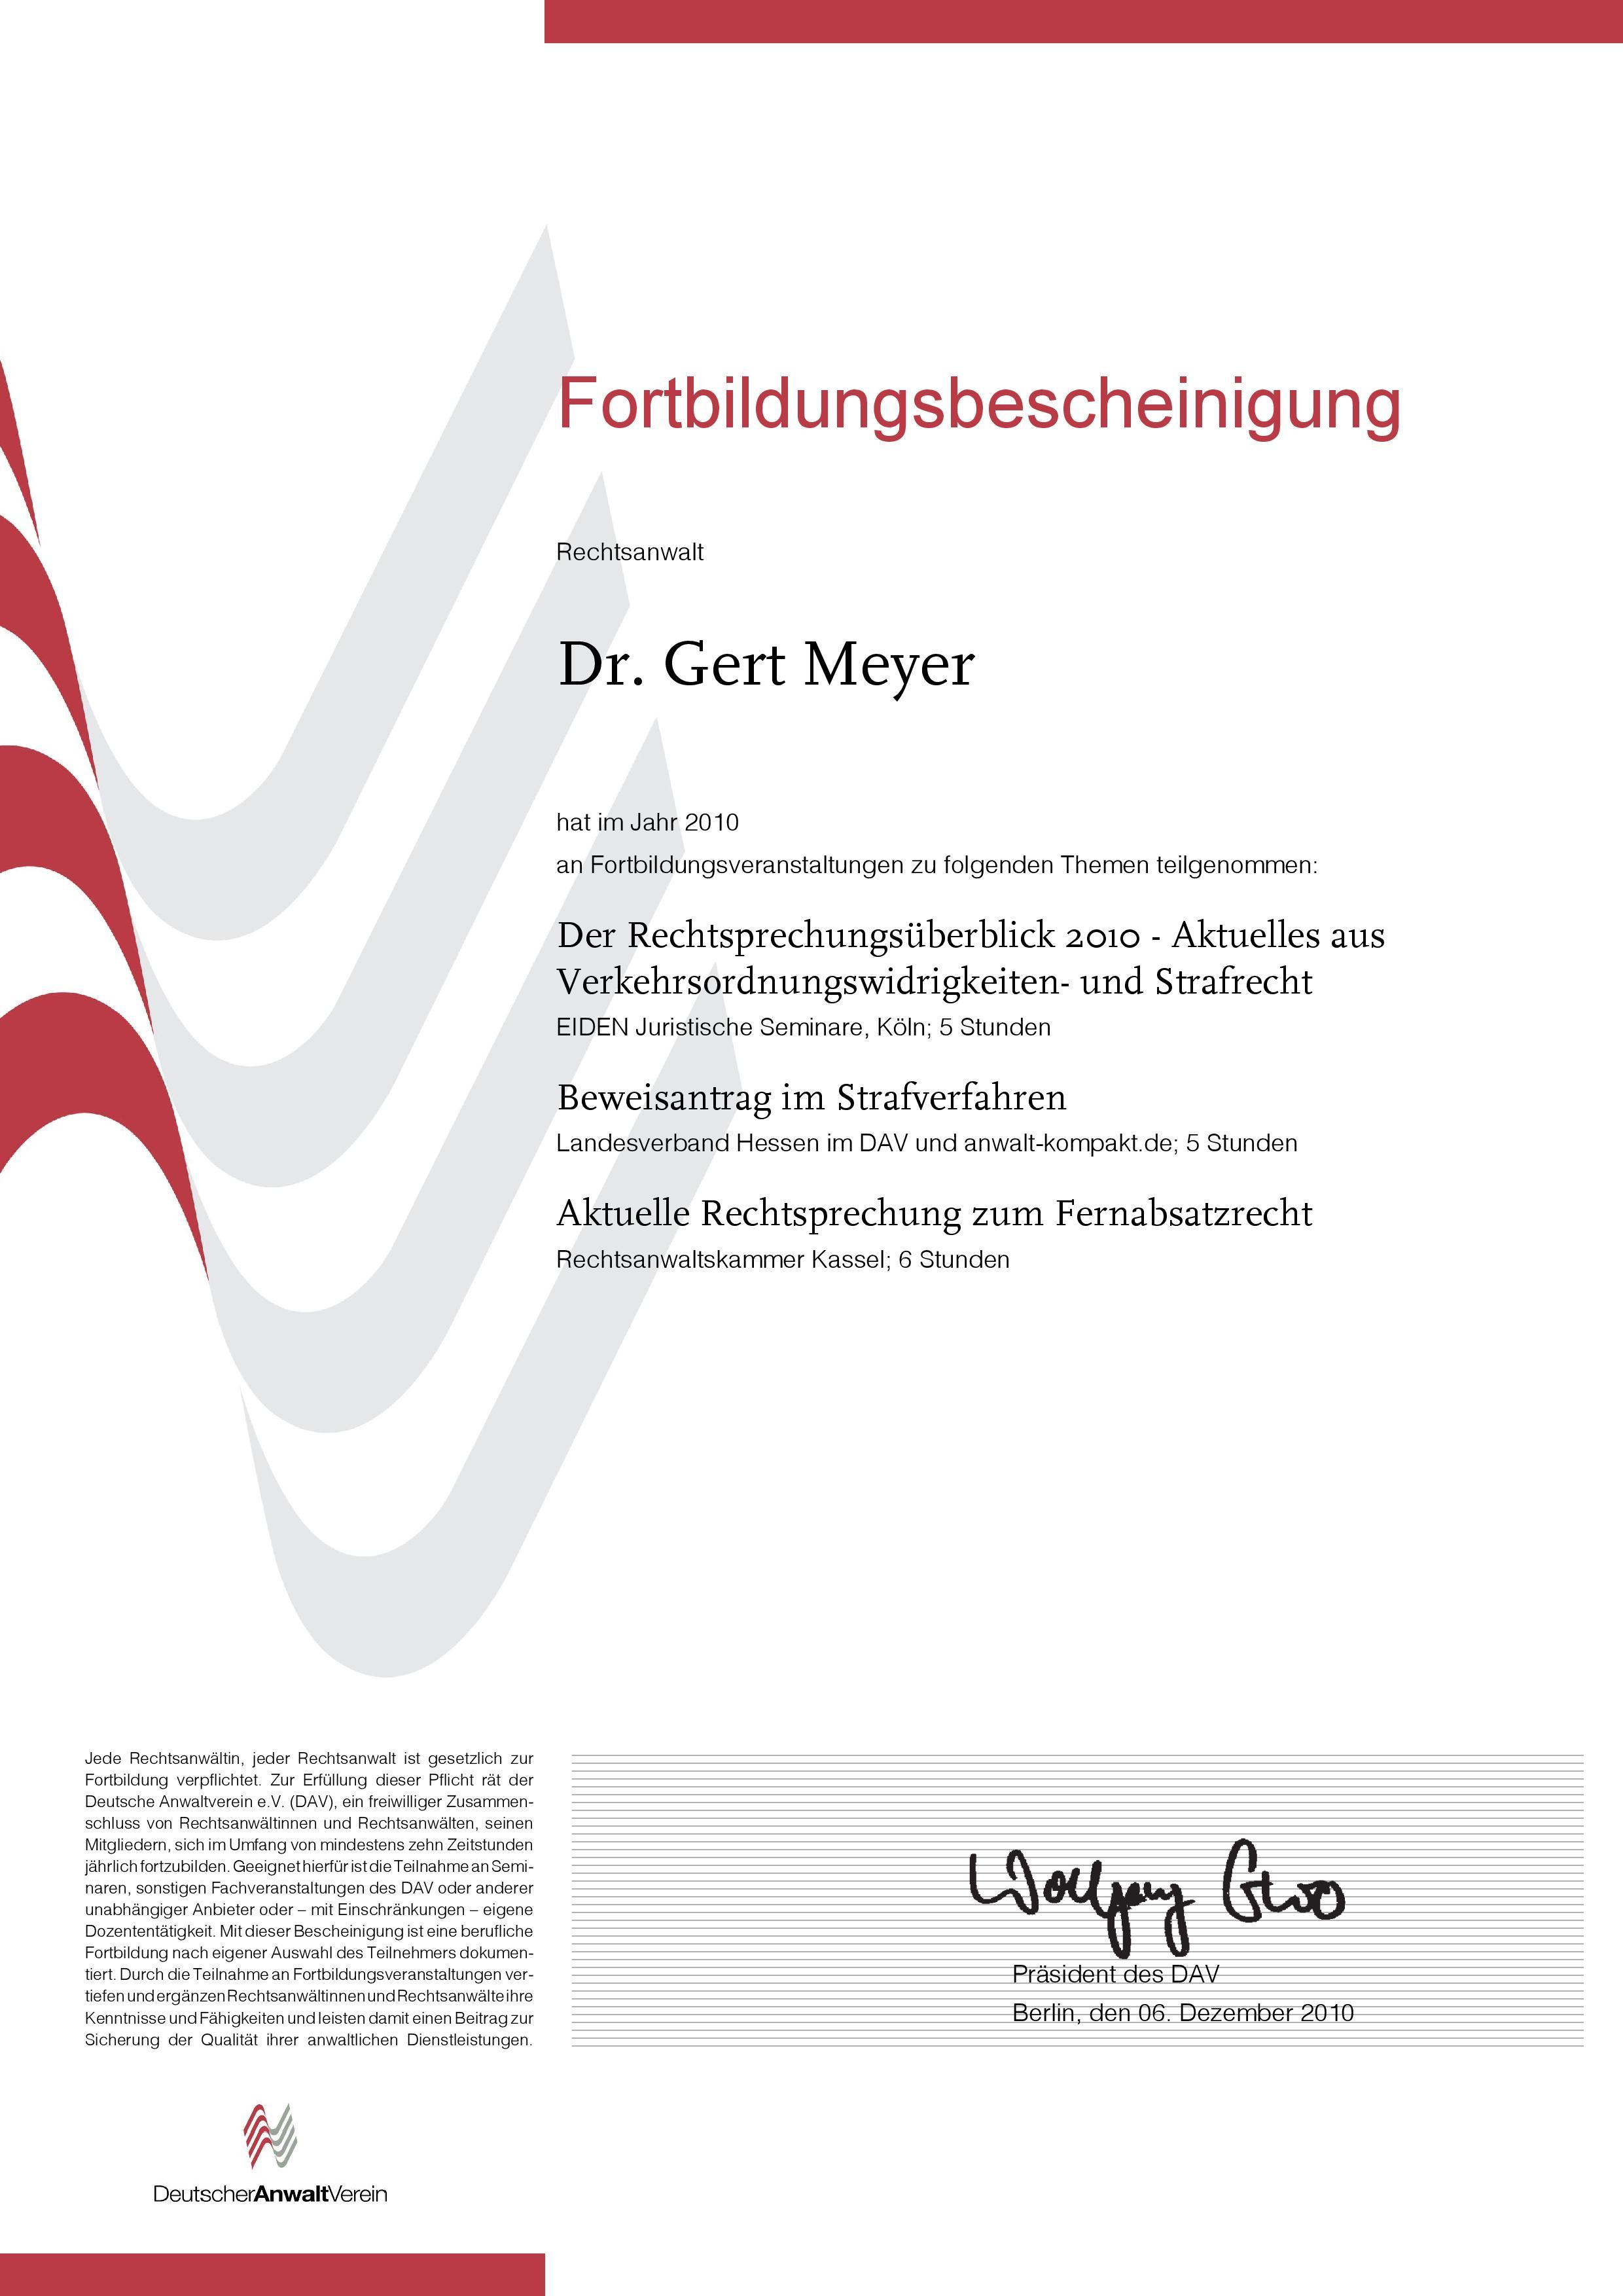 Fortbildungsbescheinigung10-page-001